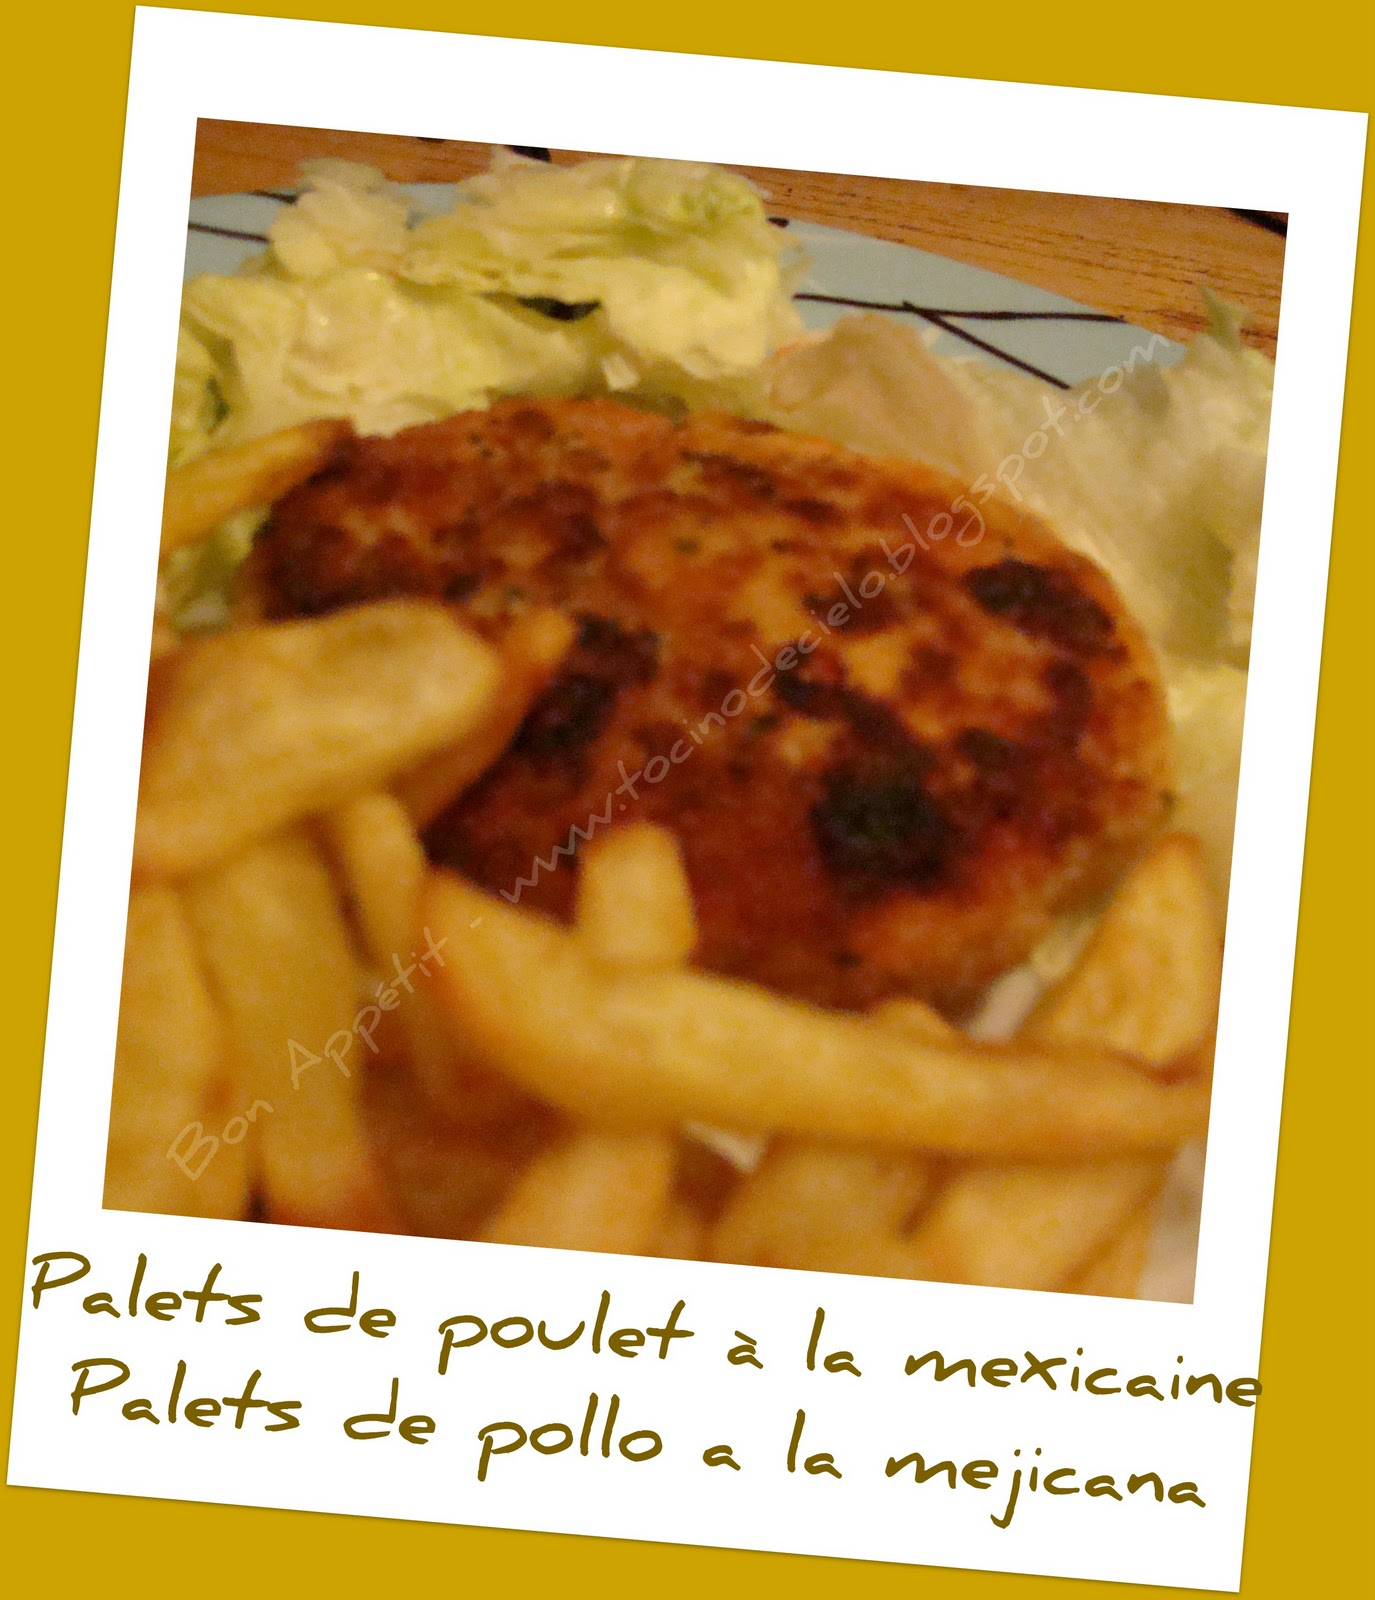 bon appetit palets de poulet la mexicaine palets de pollo a la mejicana. Black Bedroom Furniture Sets. Home Design Ideas